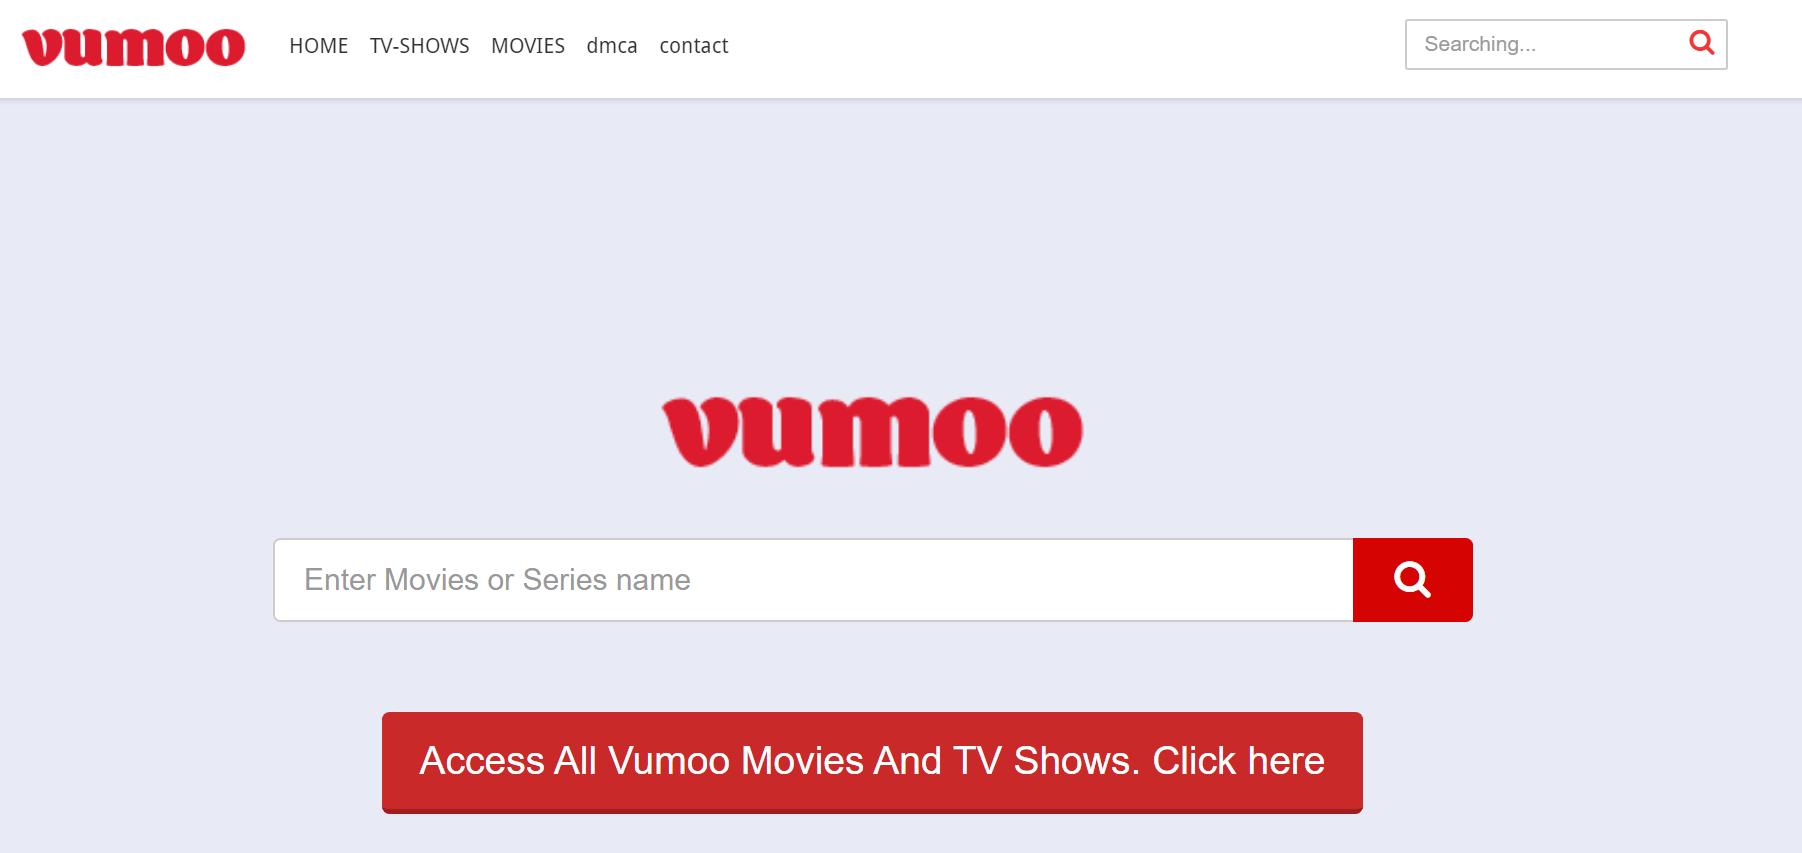 أفضل مواقع أفلام 2020 - موقع Vumoo.to